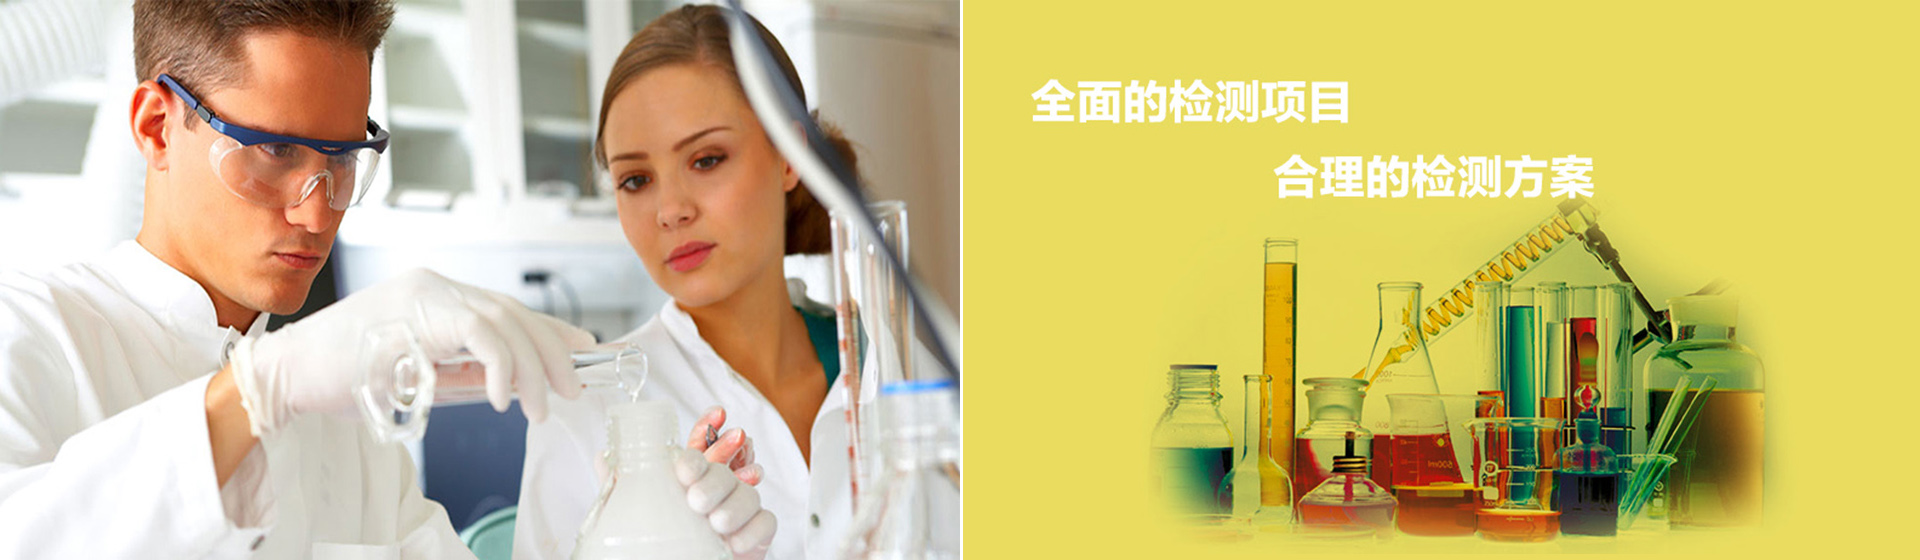 氨基酸检测机构